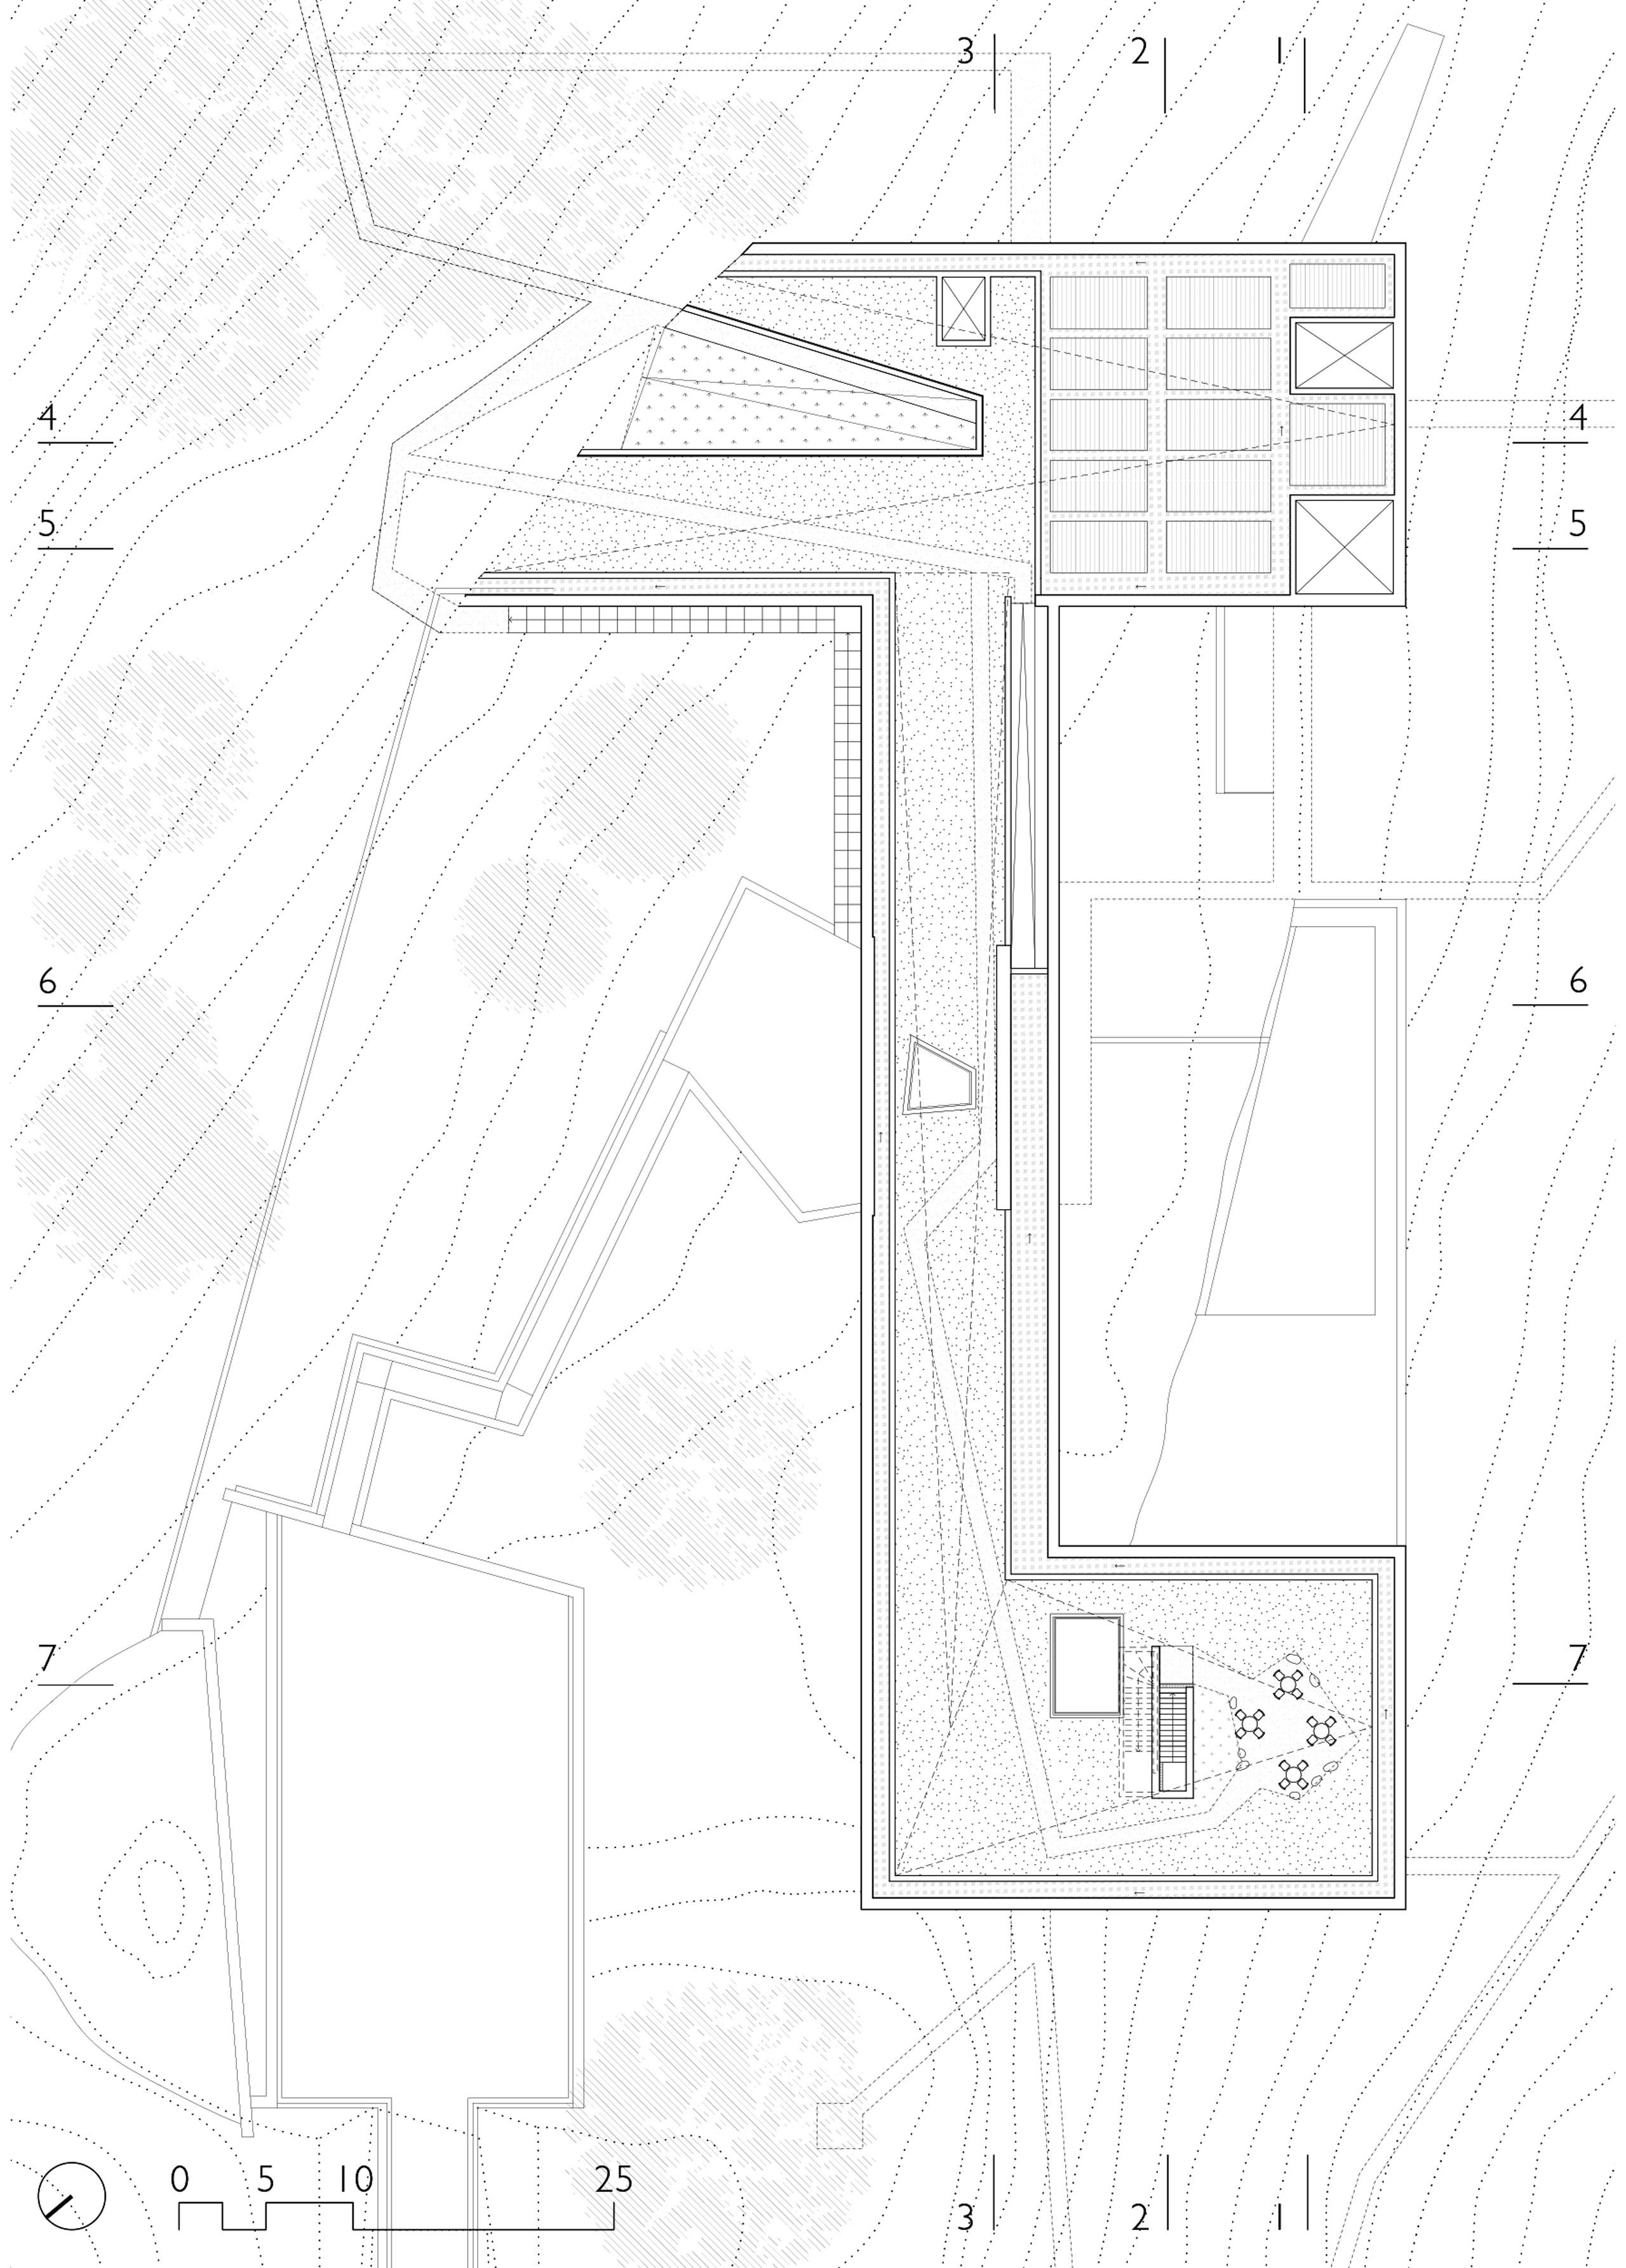 biodiversity training institute roof plan